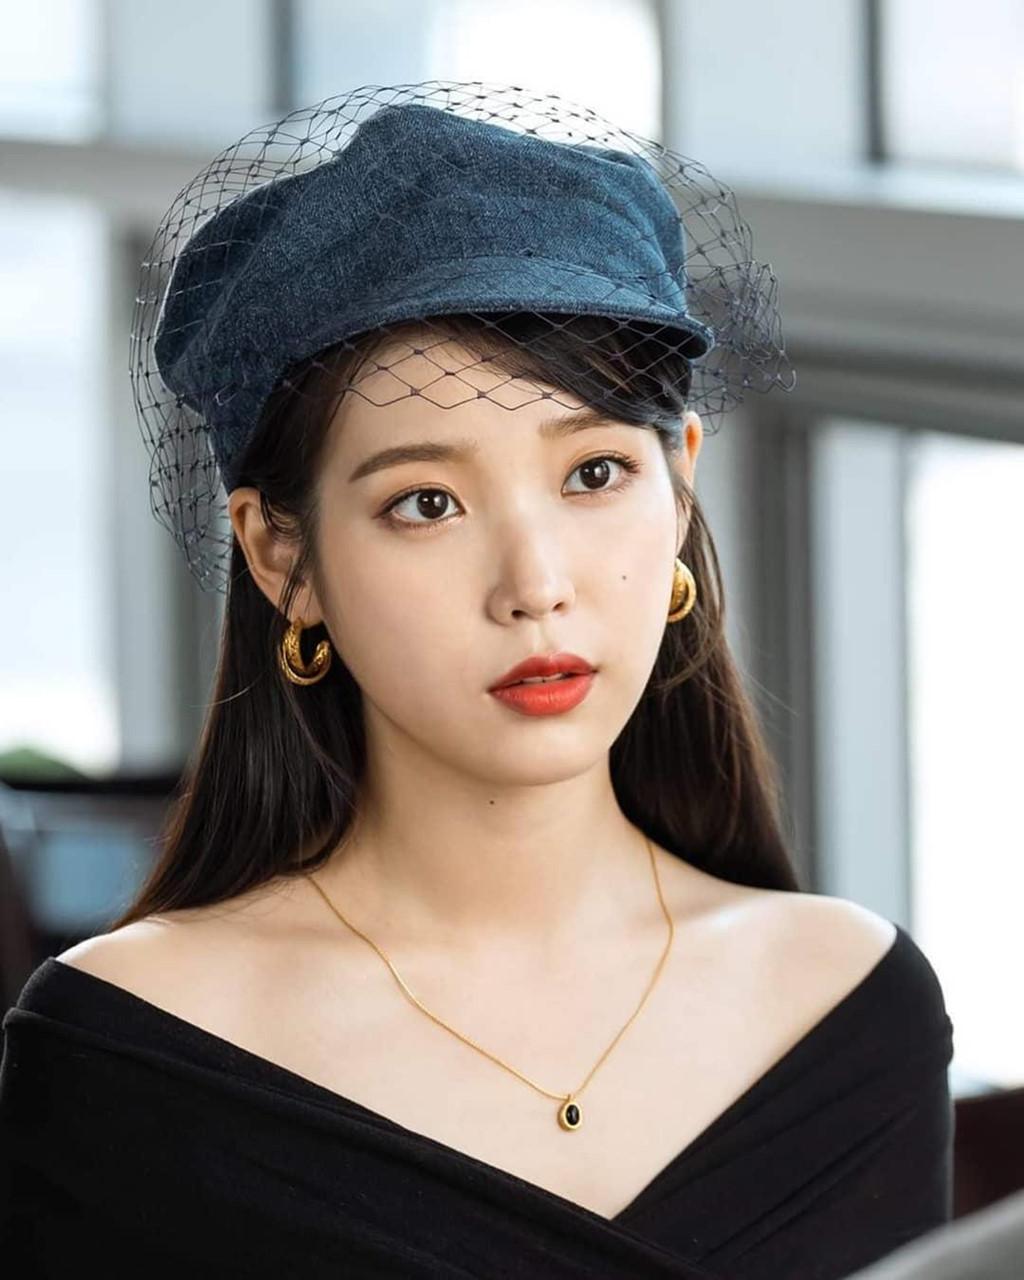 IU - 'Em gái quốc dân' của Hàn Quốc là ai? - Hình 11